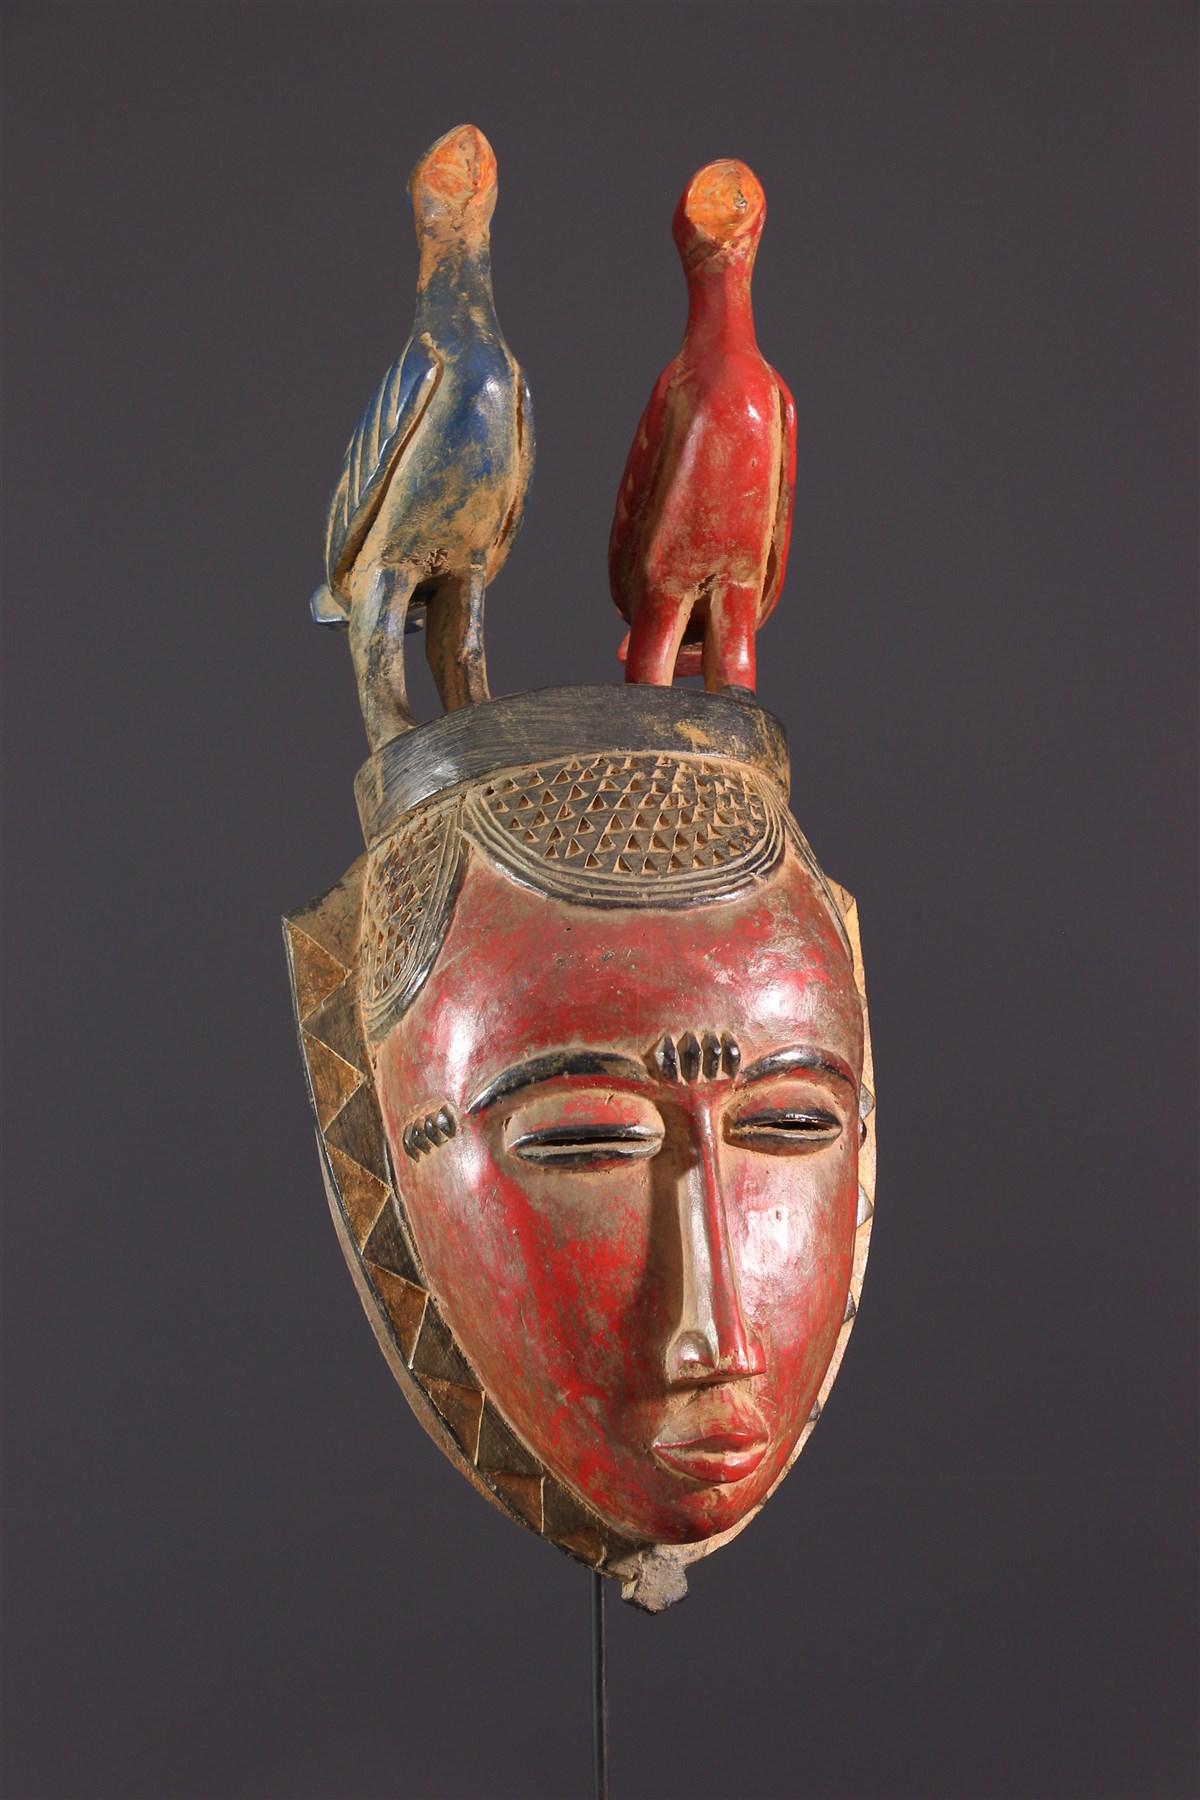 Masque Lomane Yohouré - art africain